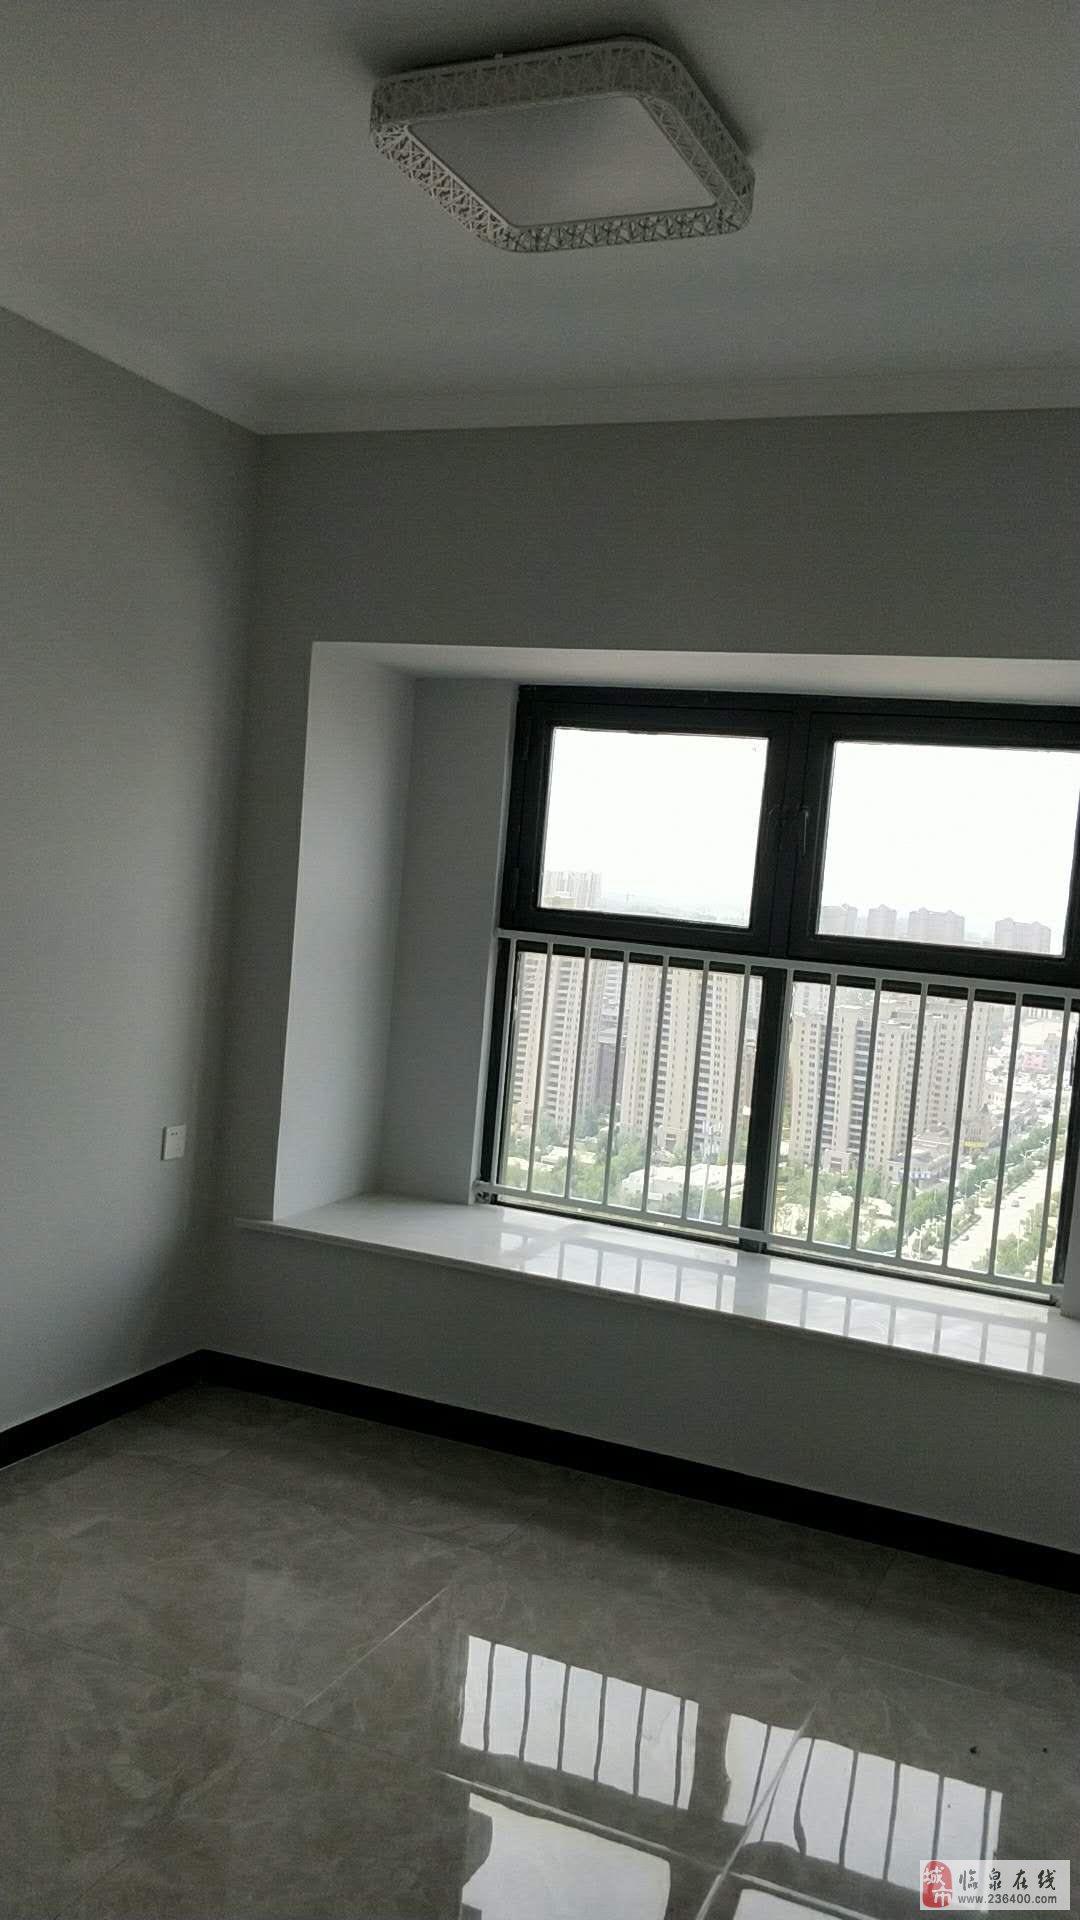 威尼斯人线上平台·碧桂园中装没住人3室1厅1卫78万元